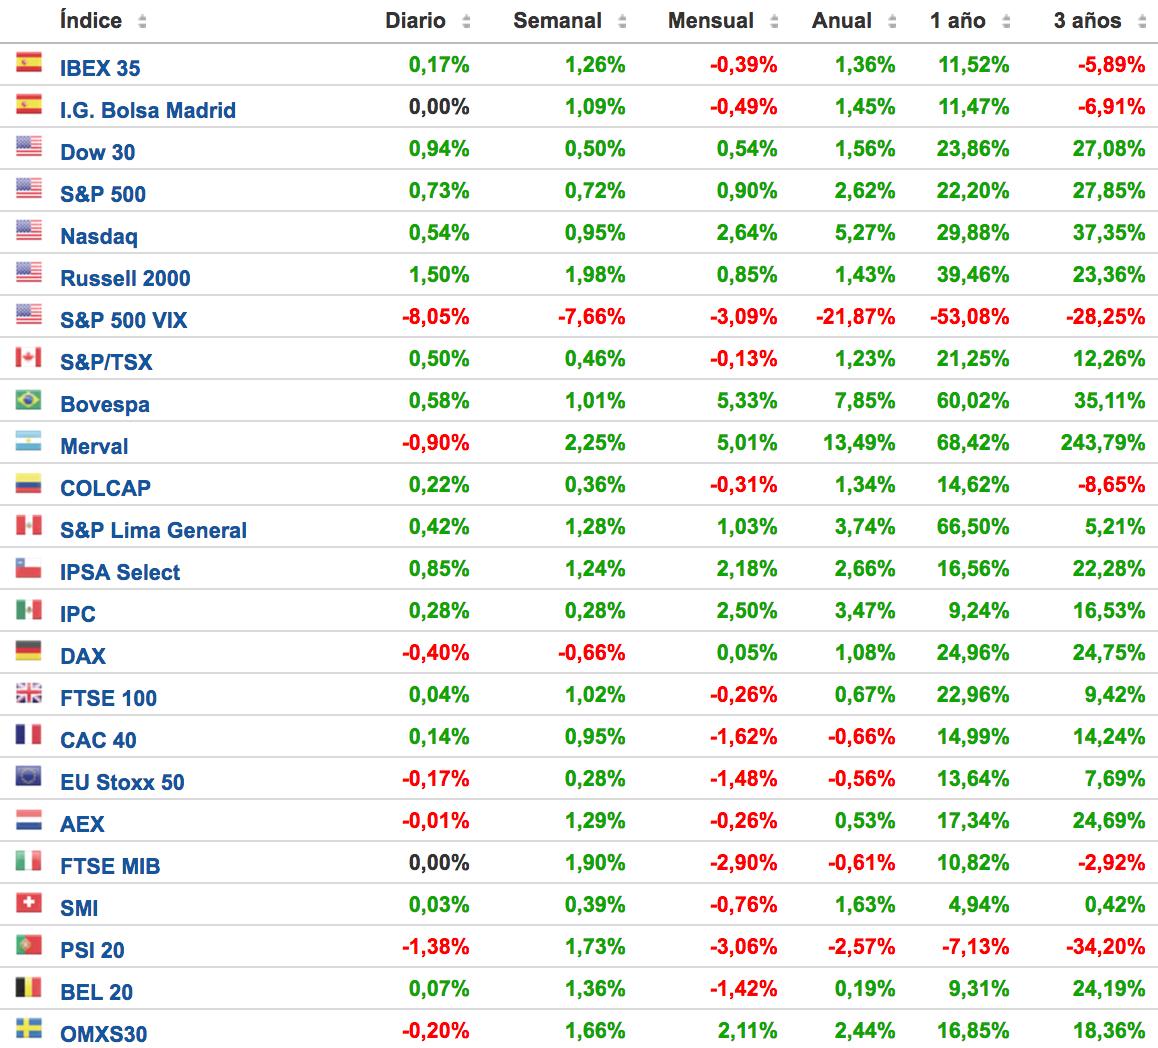 principales-índices-bursátiles-Altair-Finance